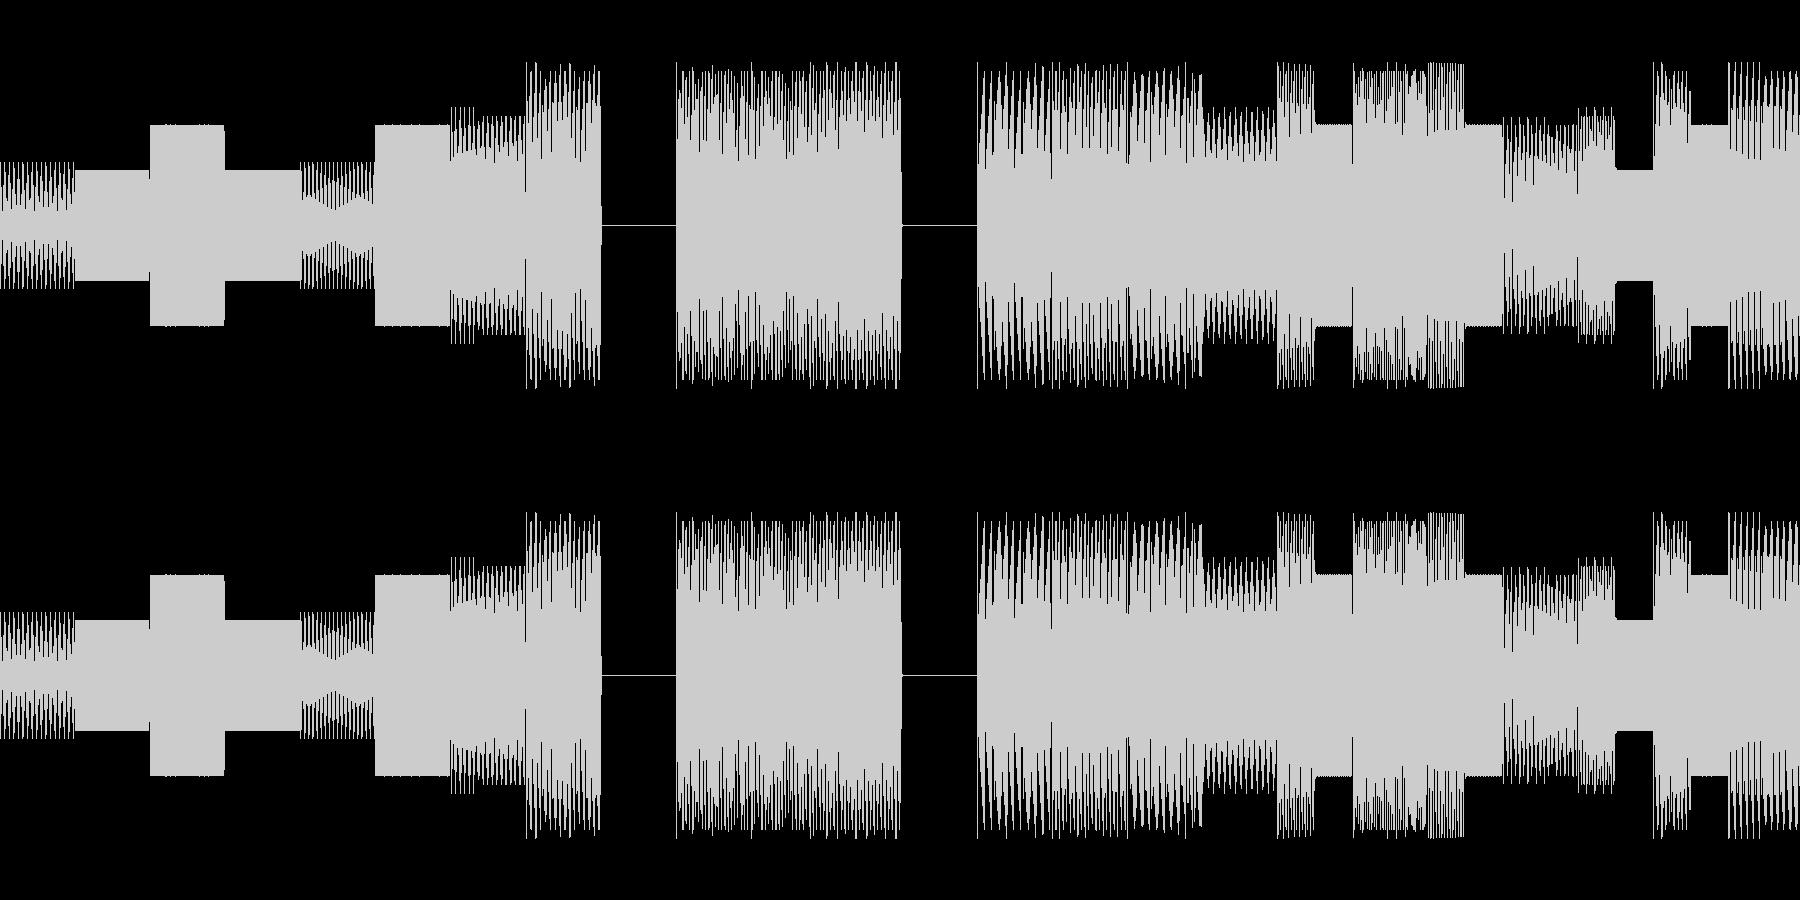 ゲームやラジオの合間に挟まるキャッチの未再生の波形